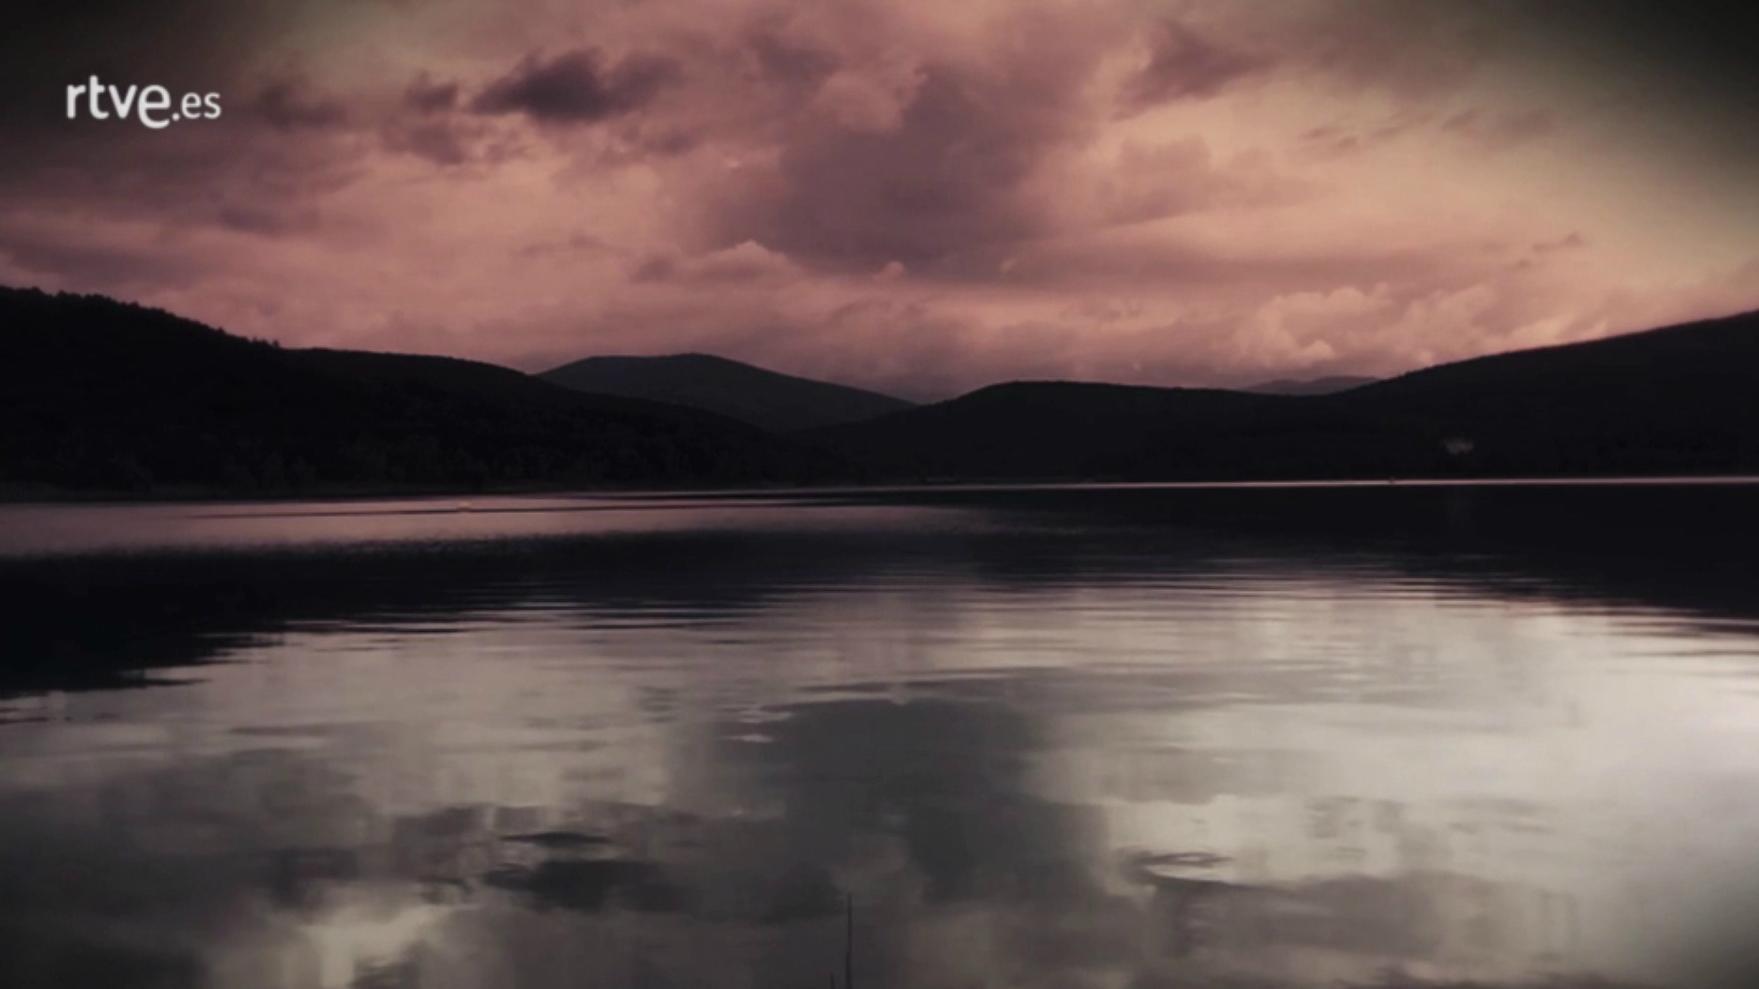 Palabra Voyeur - Todo lo bueno es libre y salvaje. Thoreau